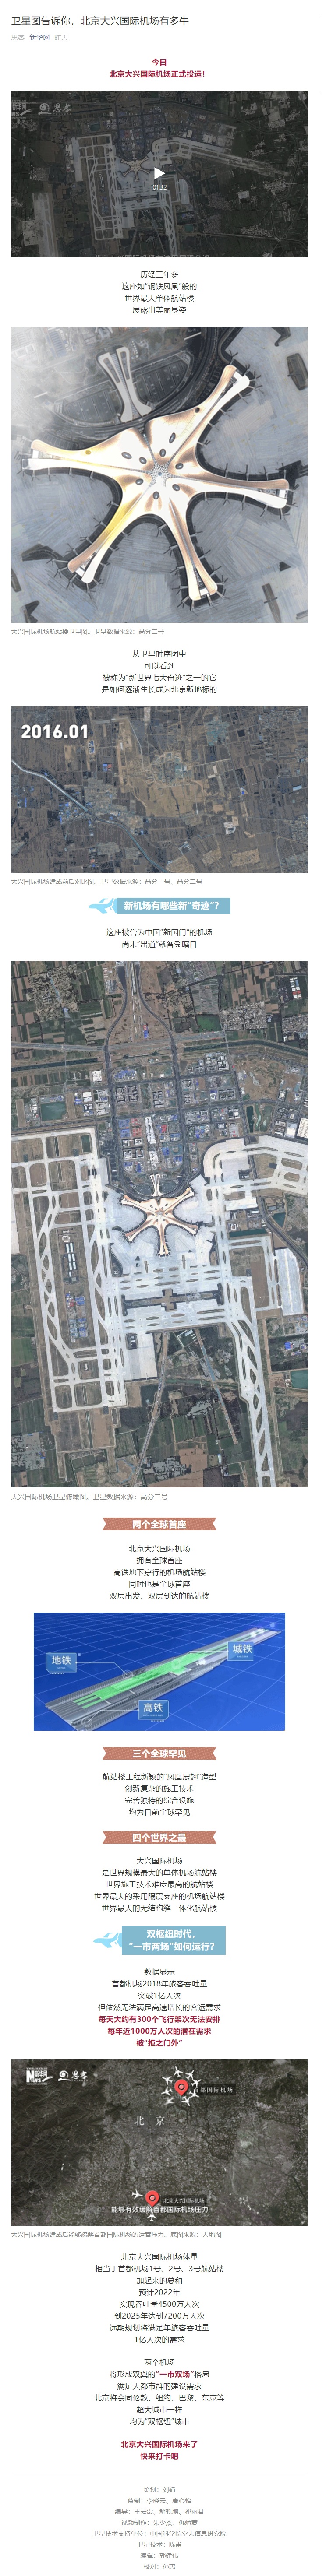 卫星图告诉你,北京大兴国际机场有多牛